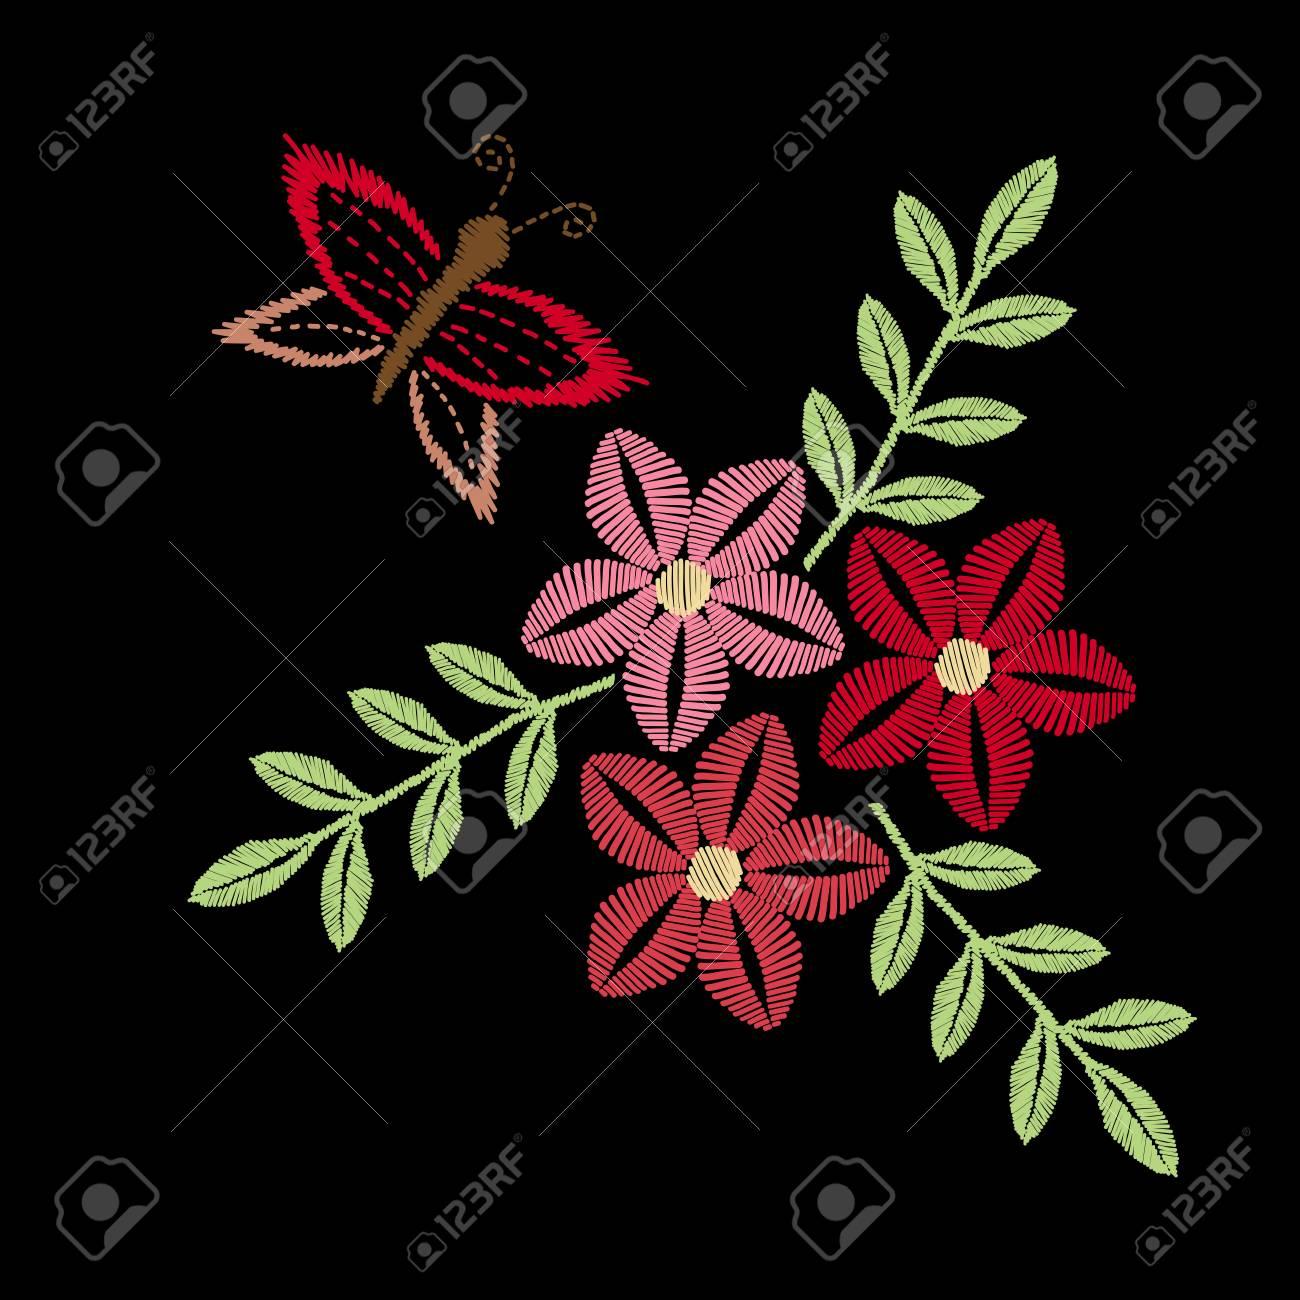 Colorido Bordado De Flores Y Mariposas De Imitación. Patrón Floral ...